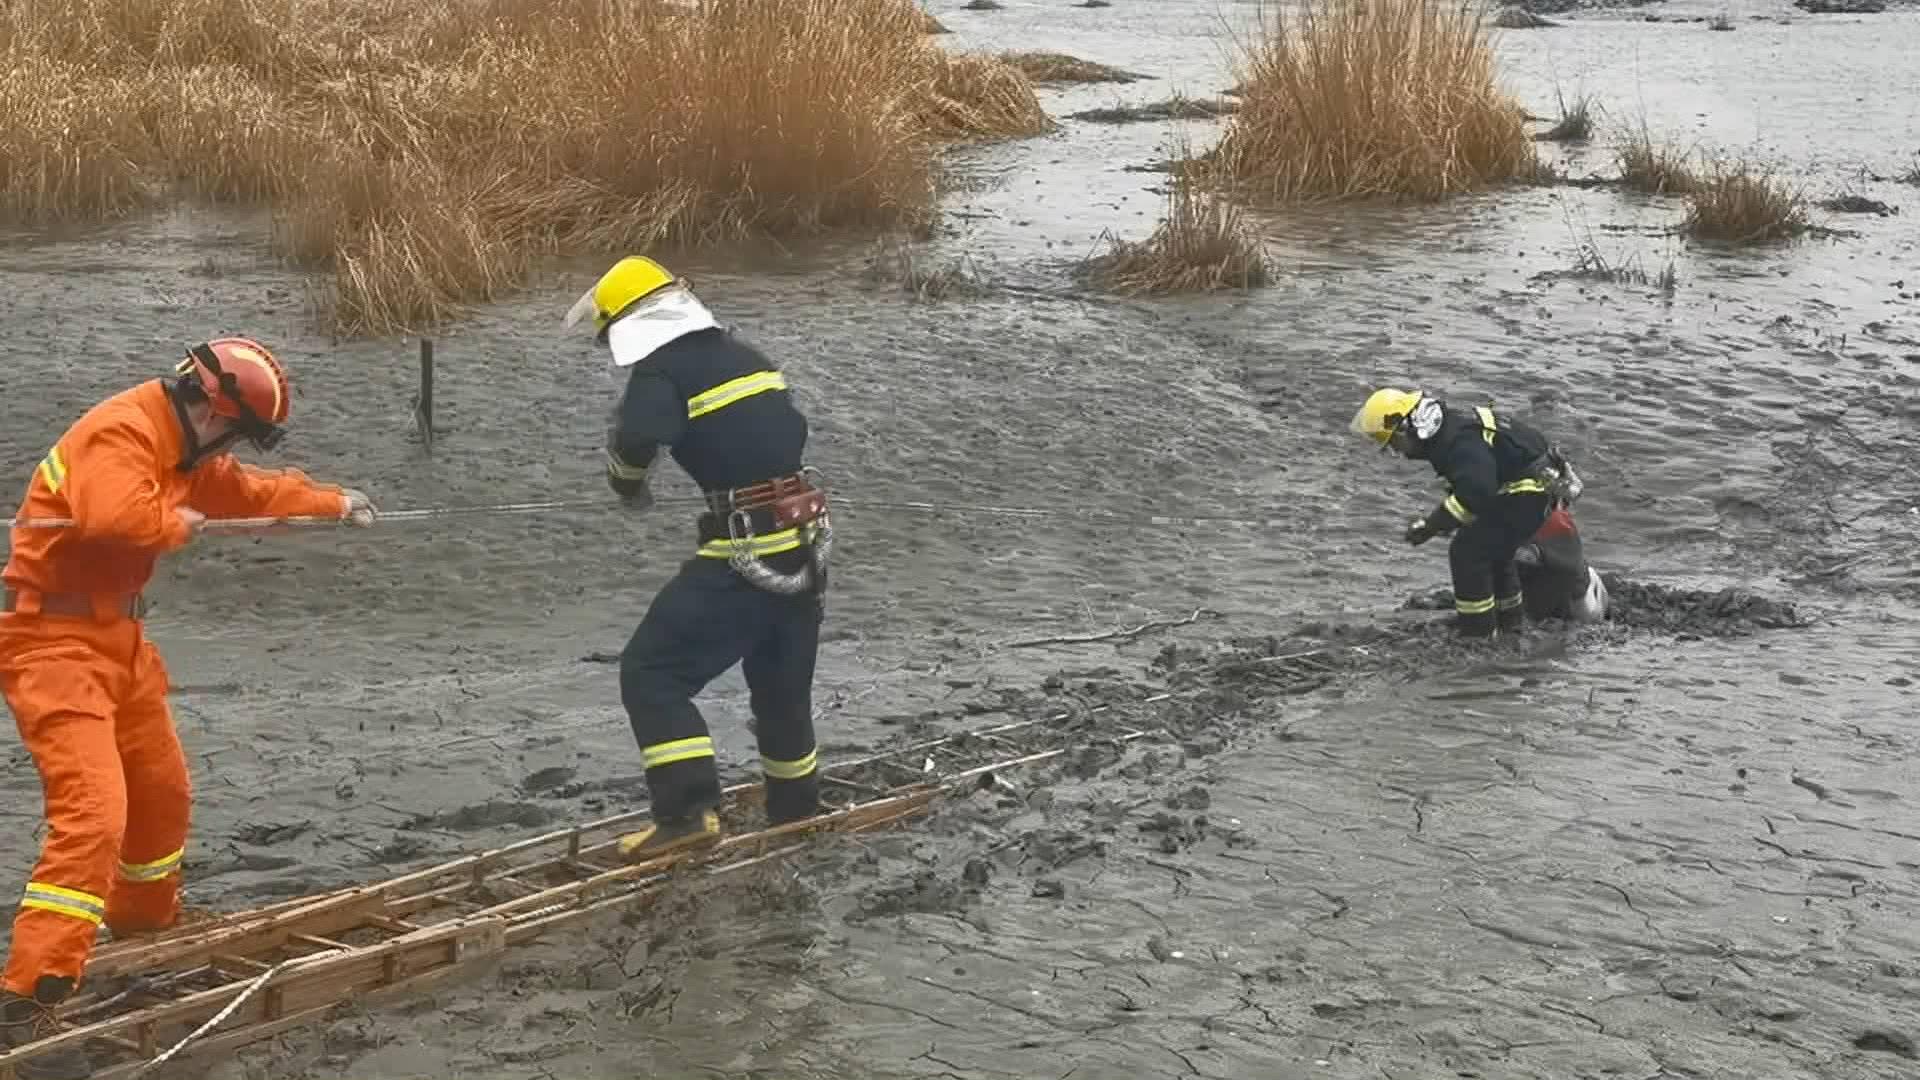 50秒丨青岛六旬老人挖苔藓误陷河道淤泥 消防员用拉梯施救